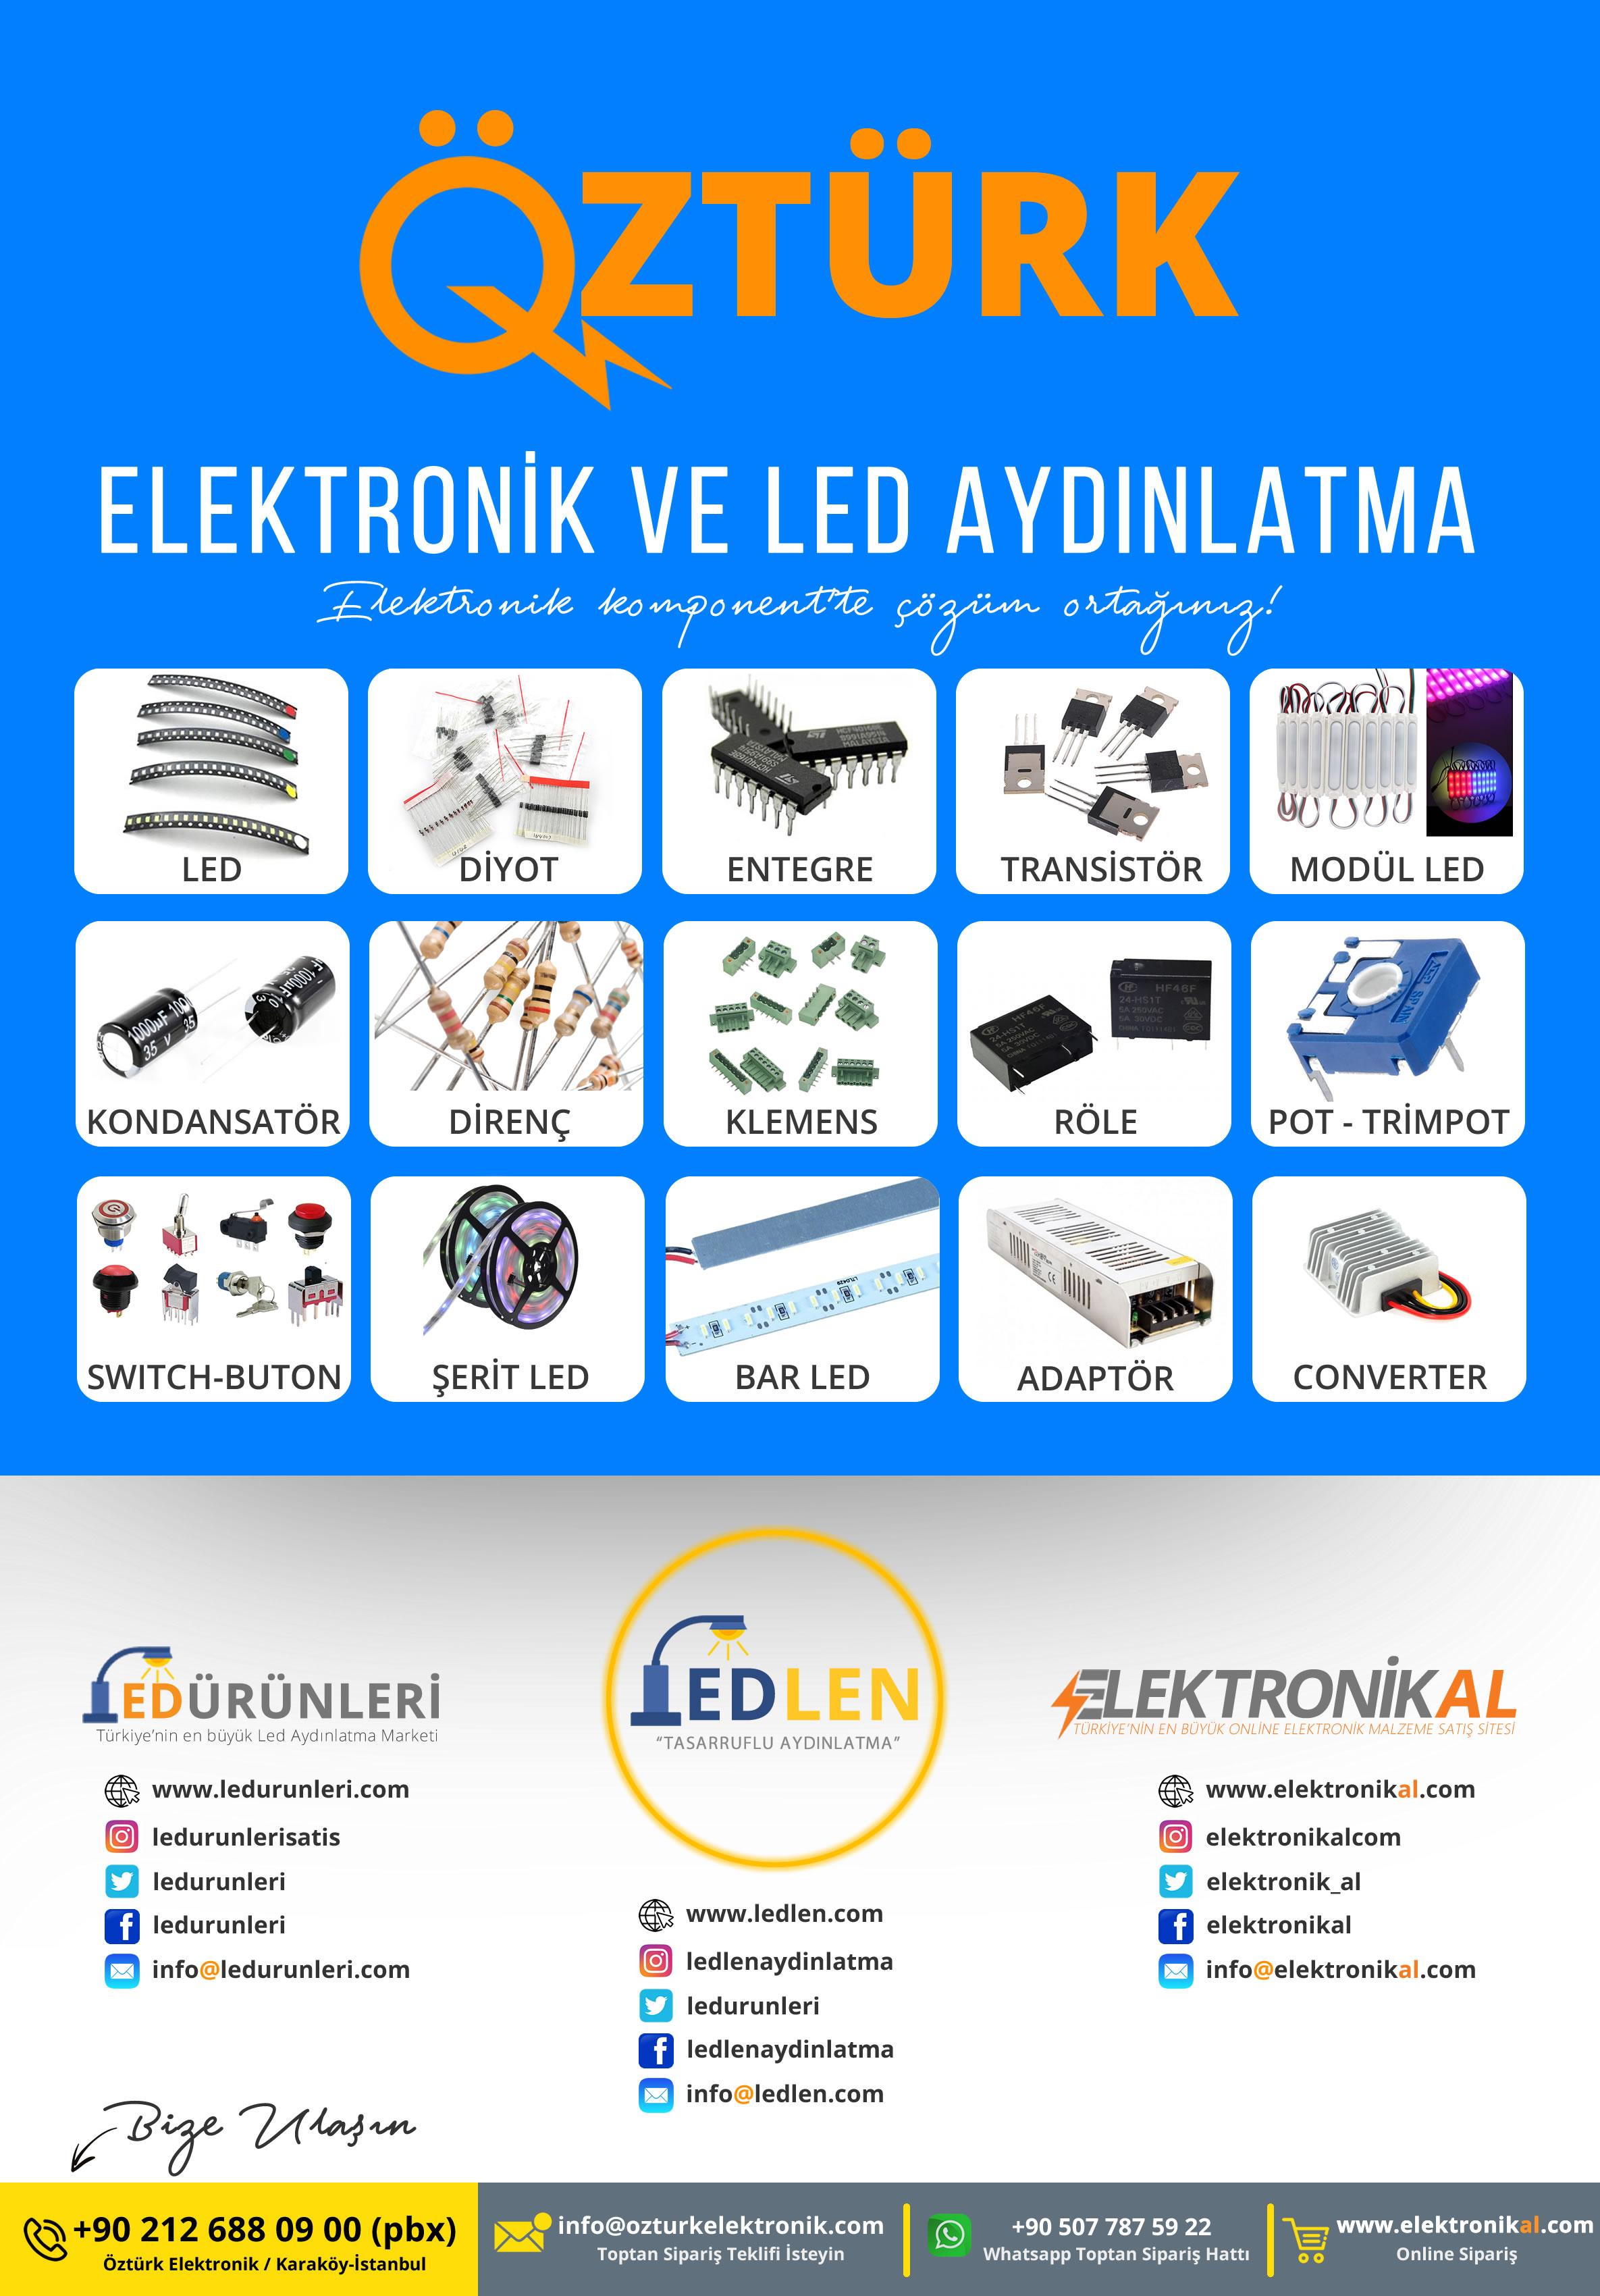 Öztürk Elektronik LEDLEN® Aydınlatma Tanıtım Broşürü